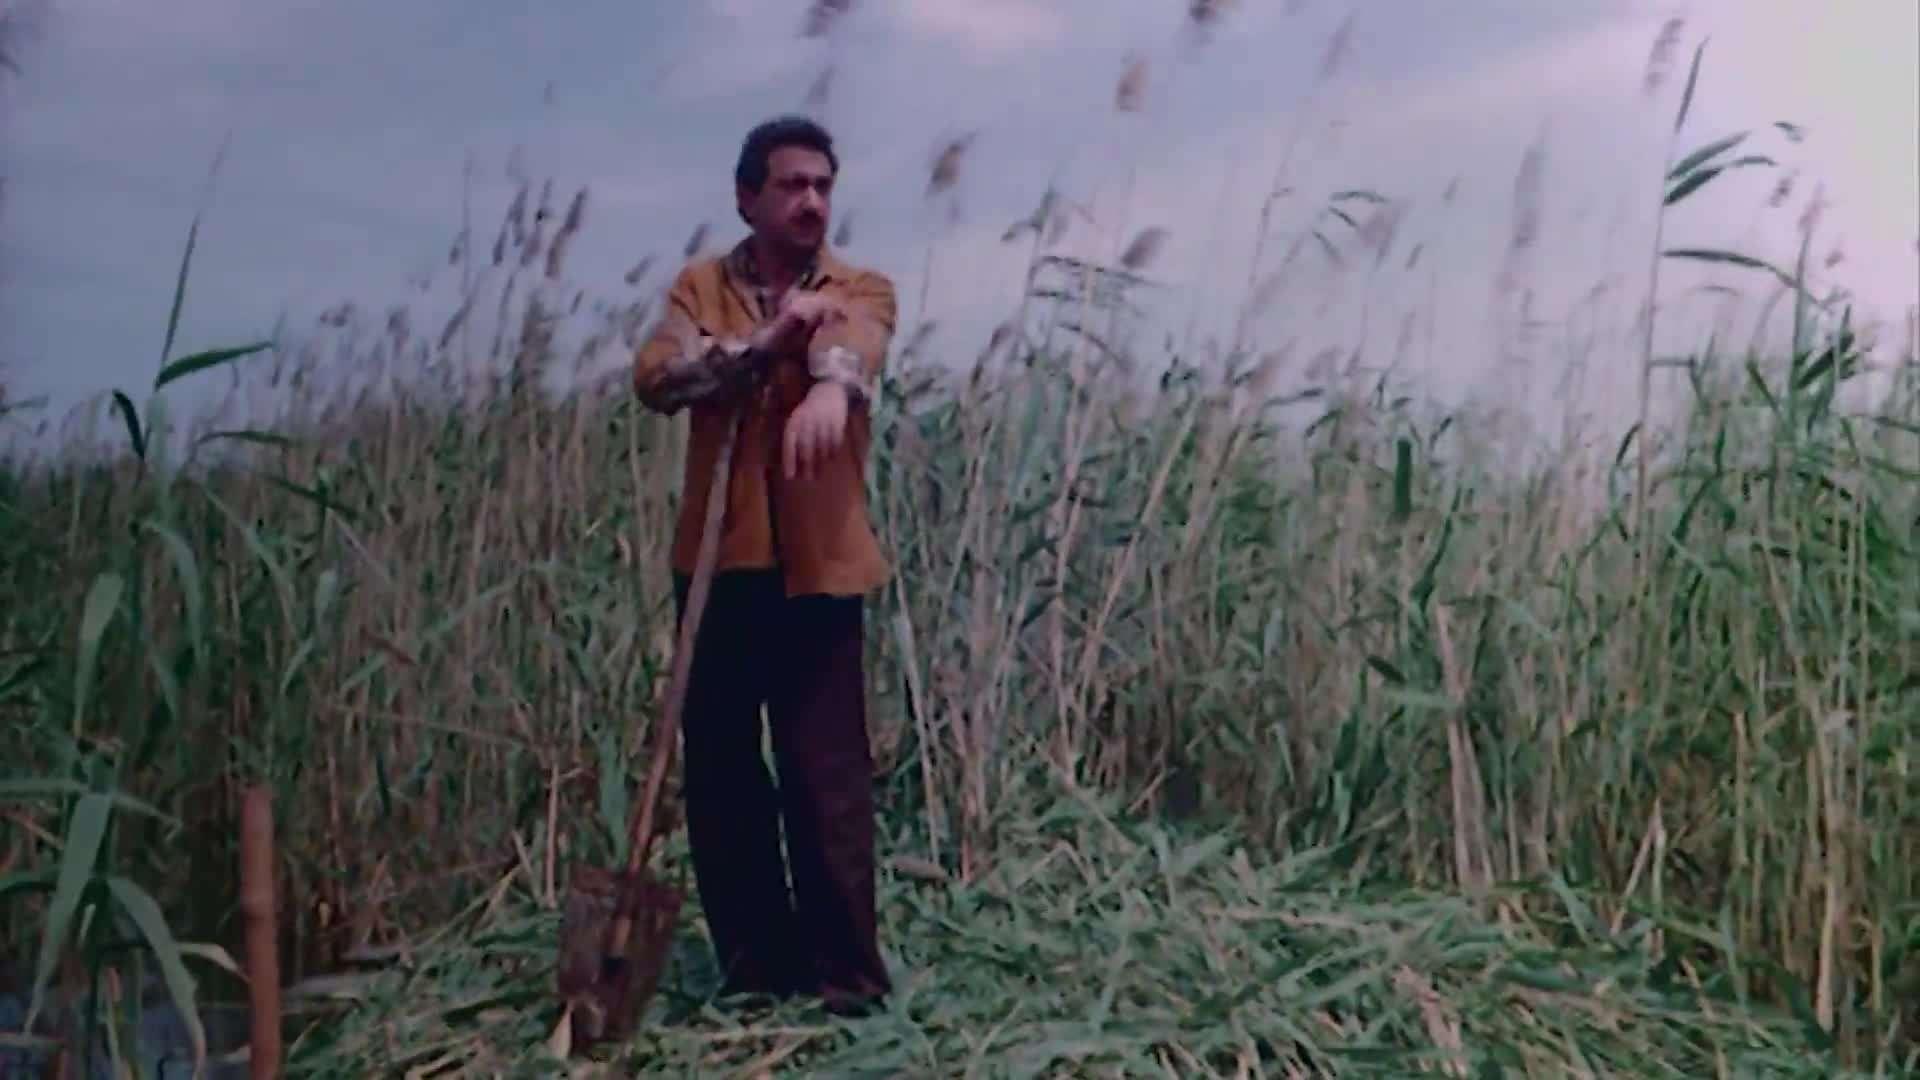 [فيلم][تورنت][تحميل][العار][1982][1080p][Web-DL] 11 arabp2p.com